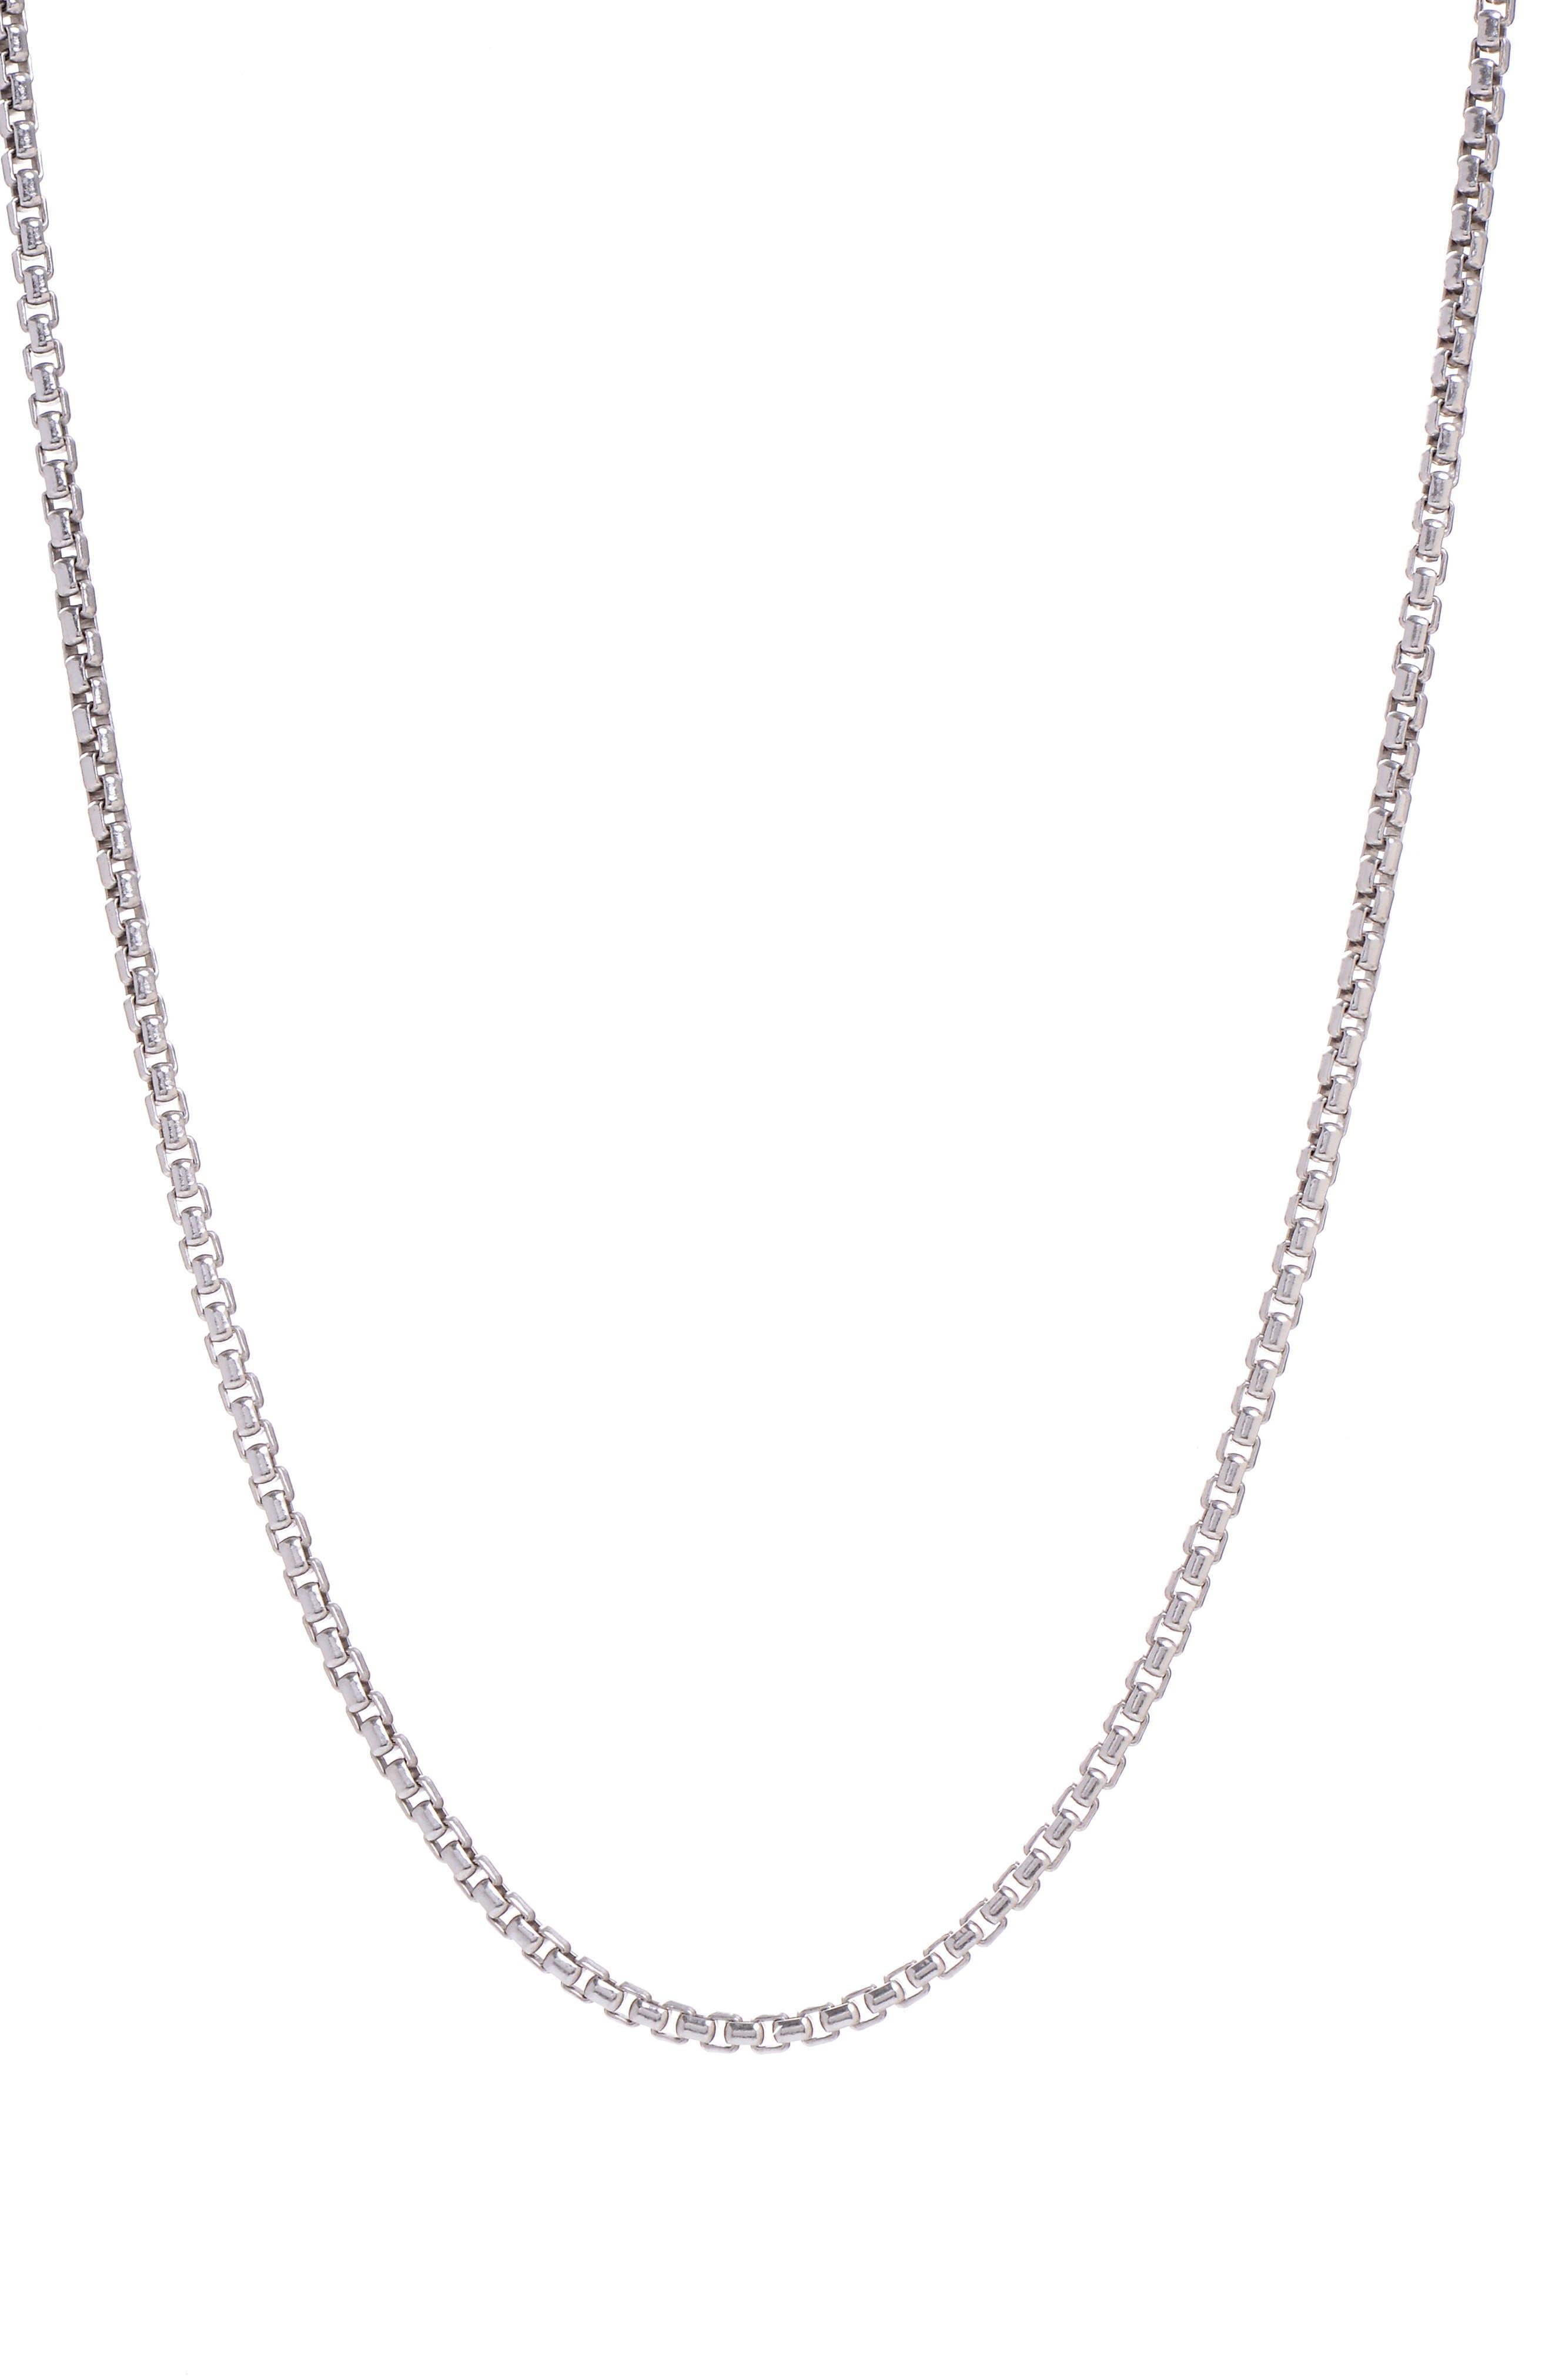 Box Chain Necklace,                         Main,                         color, Silver